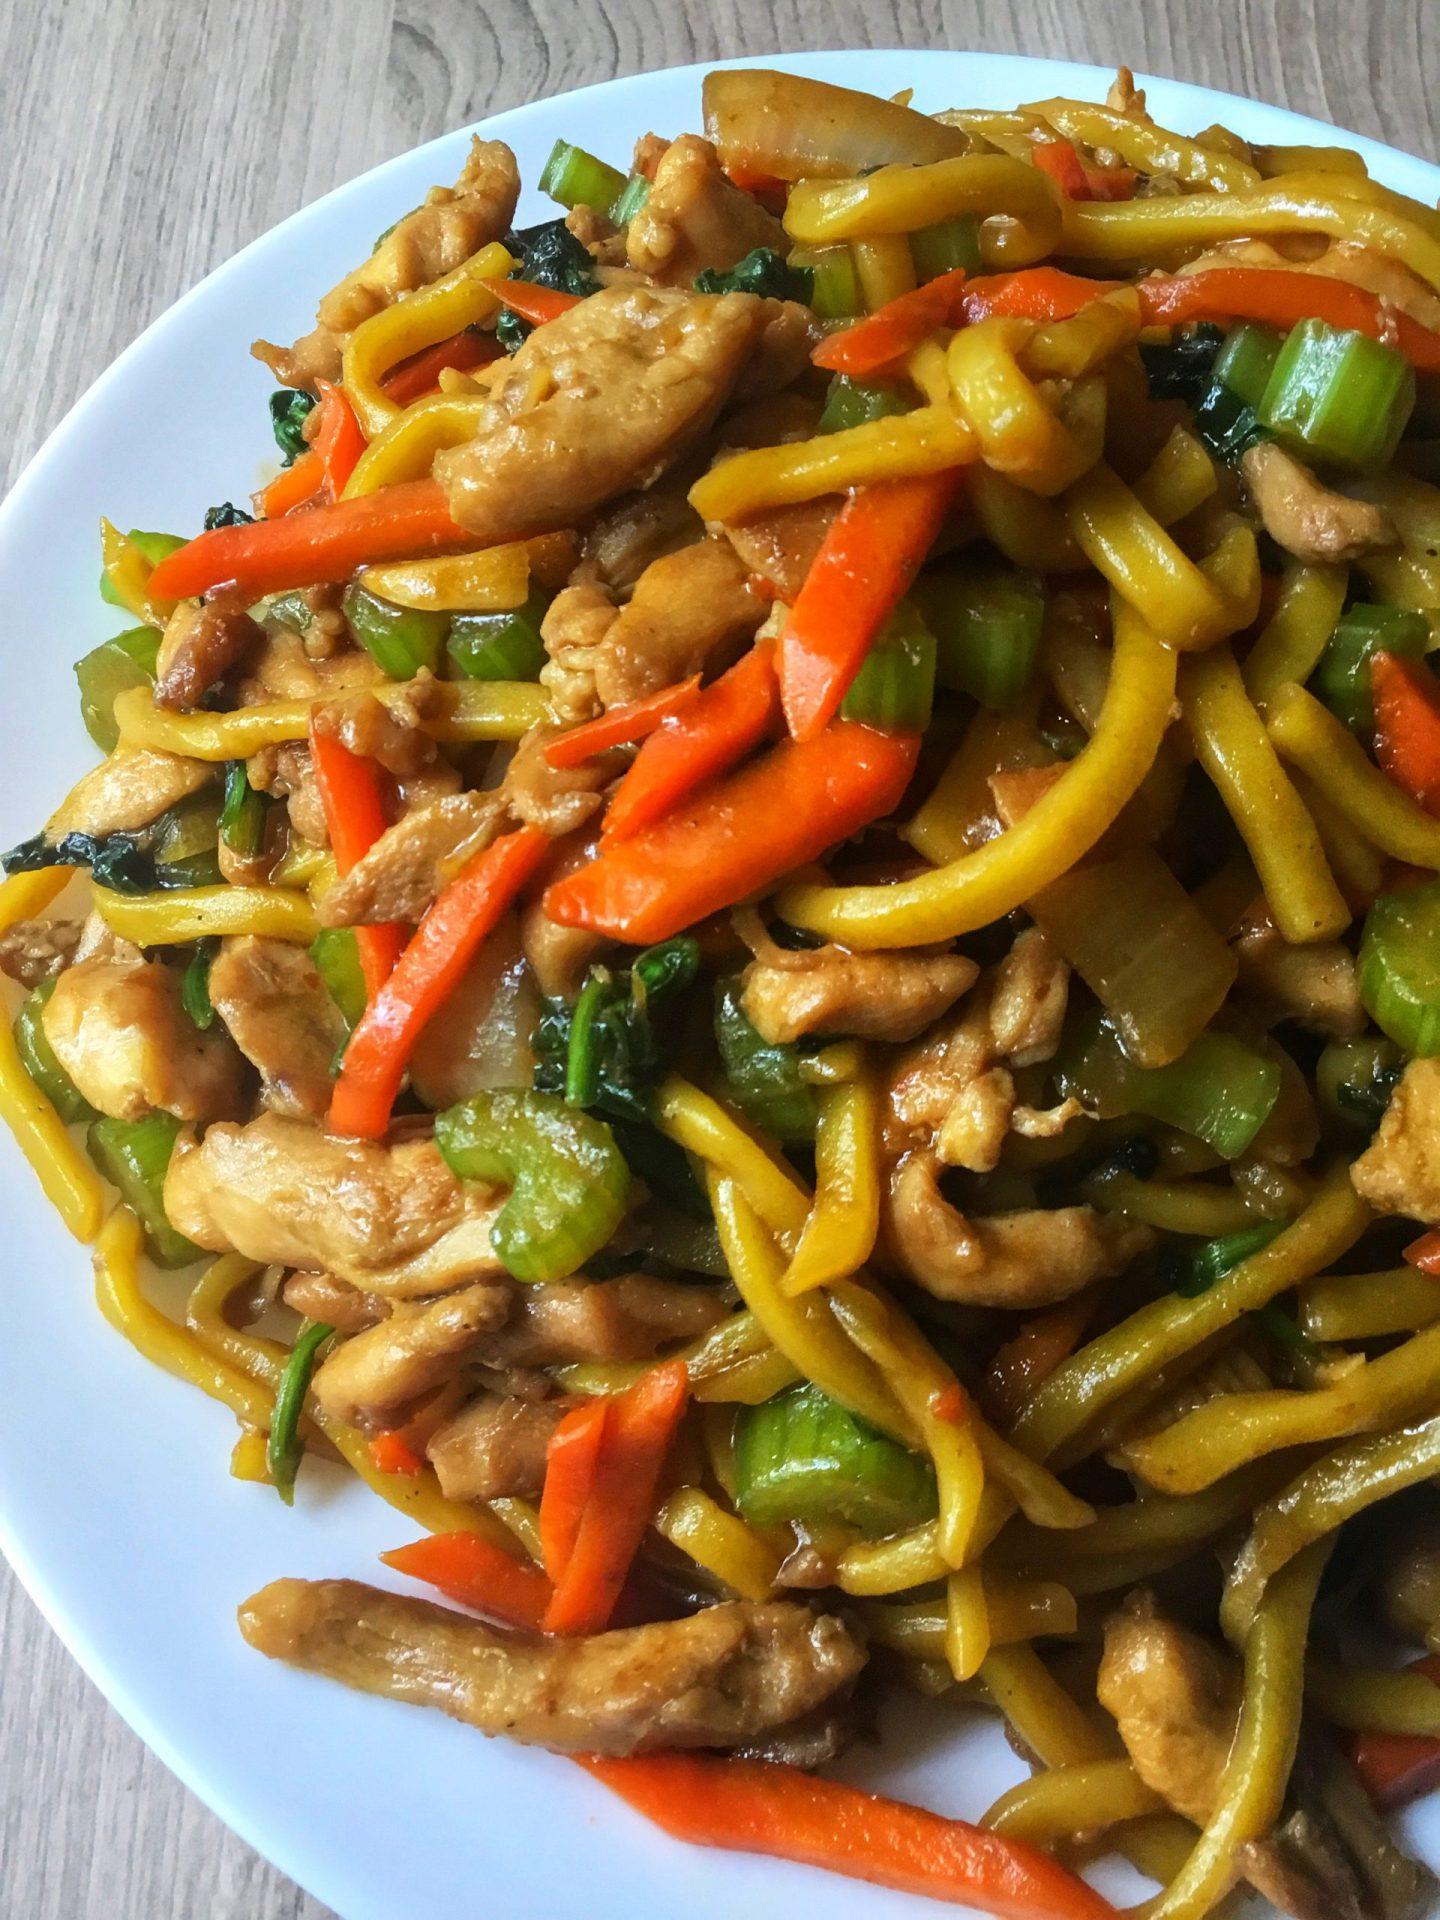 Stir fried lomi noodles